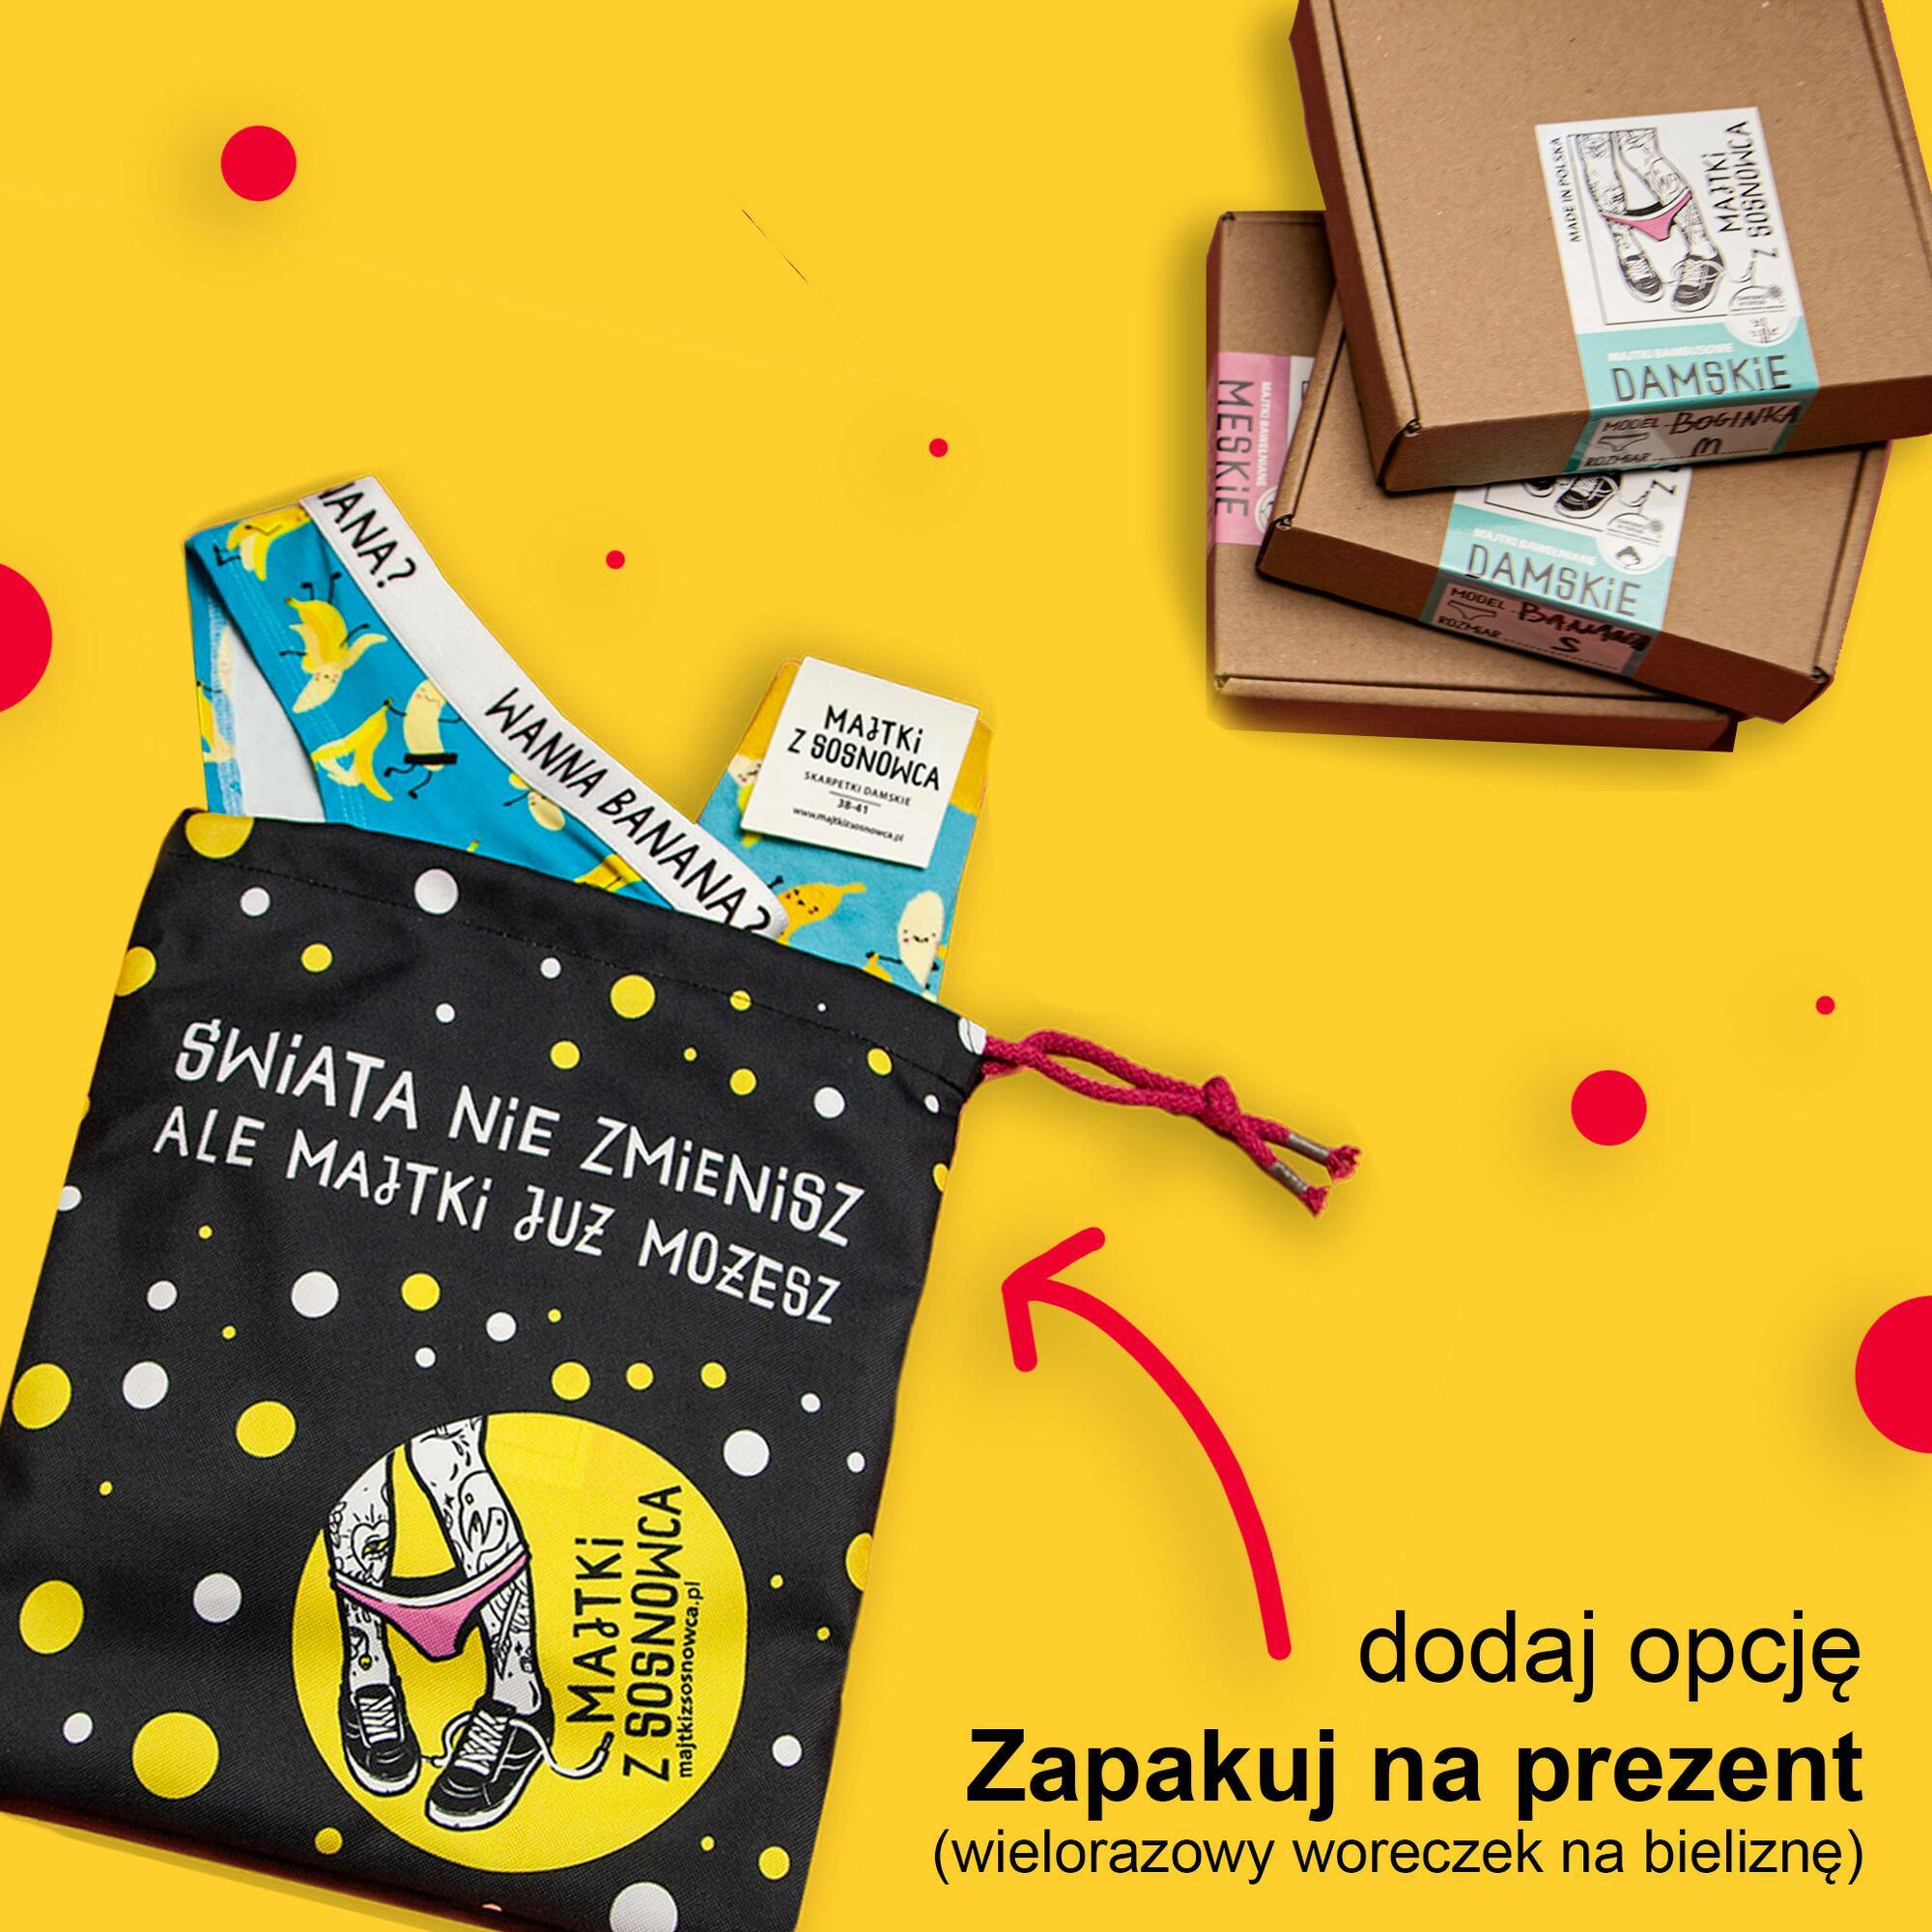 Majtki z Catowic - figi bawełniane damskie - Majtki z Sosnowca by After Panty   JestemSlow.pl